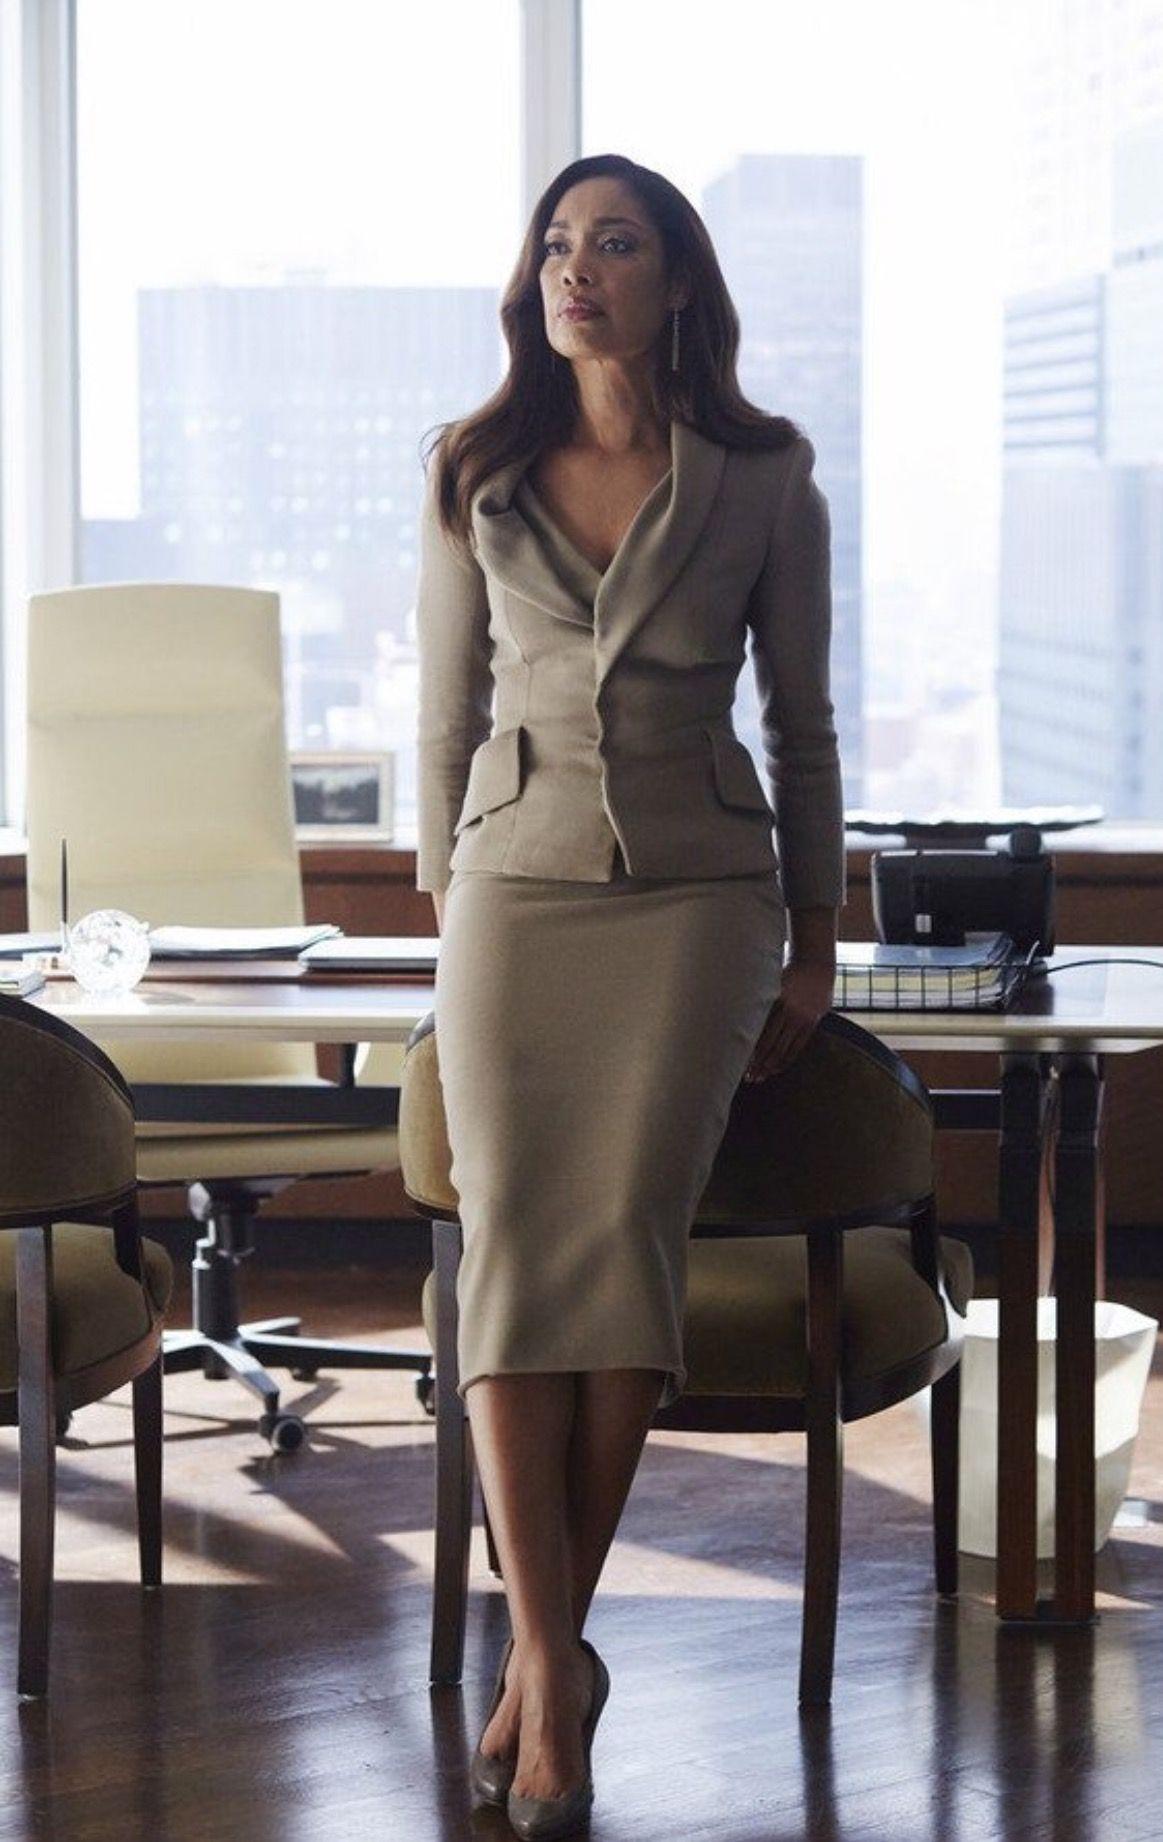 девушка модель работы юриста